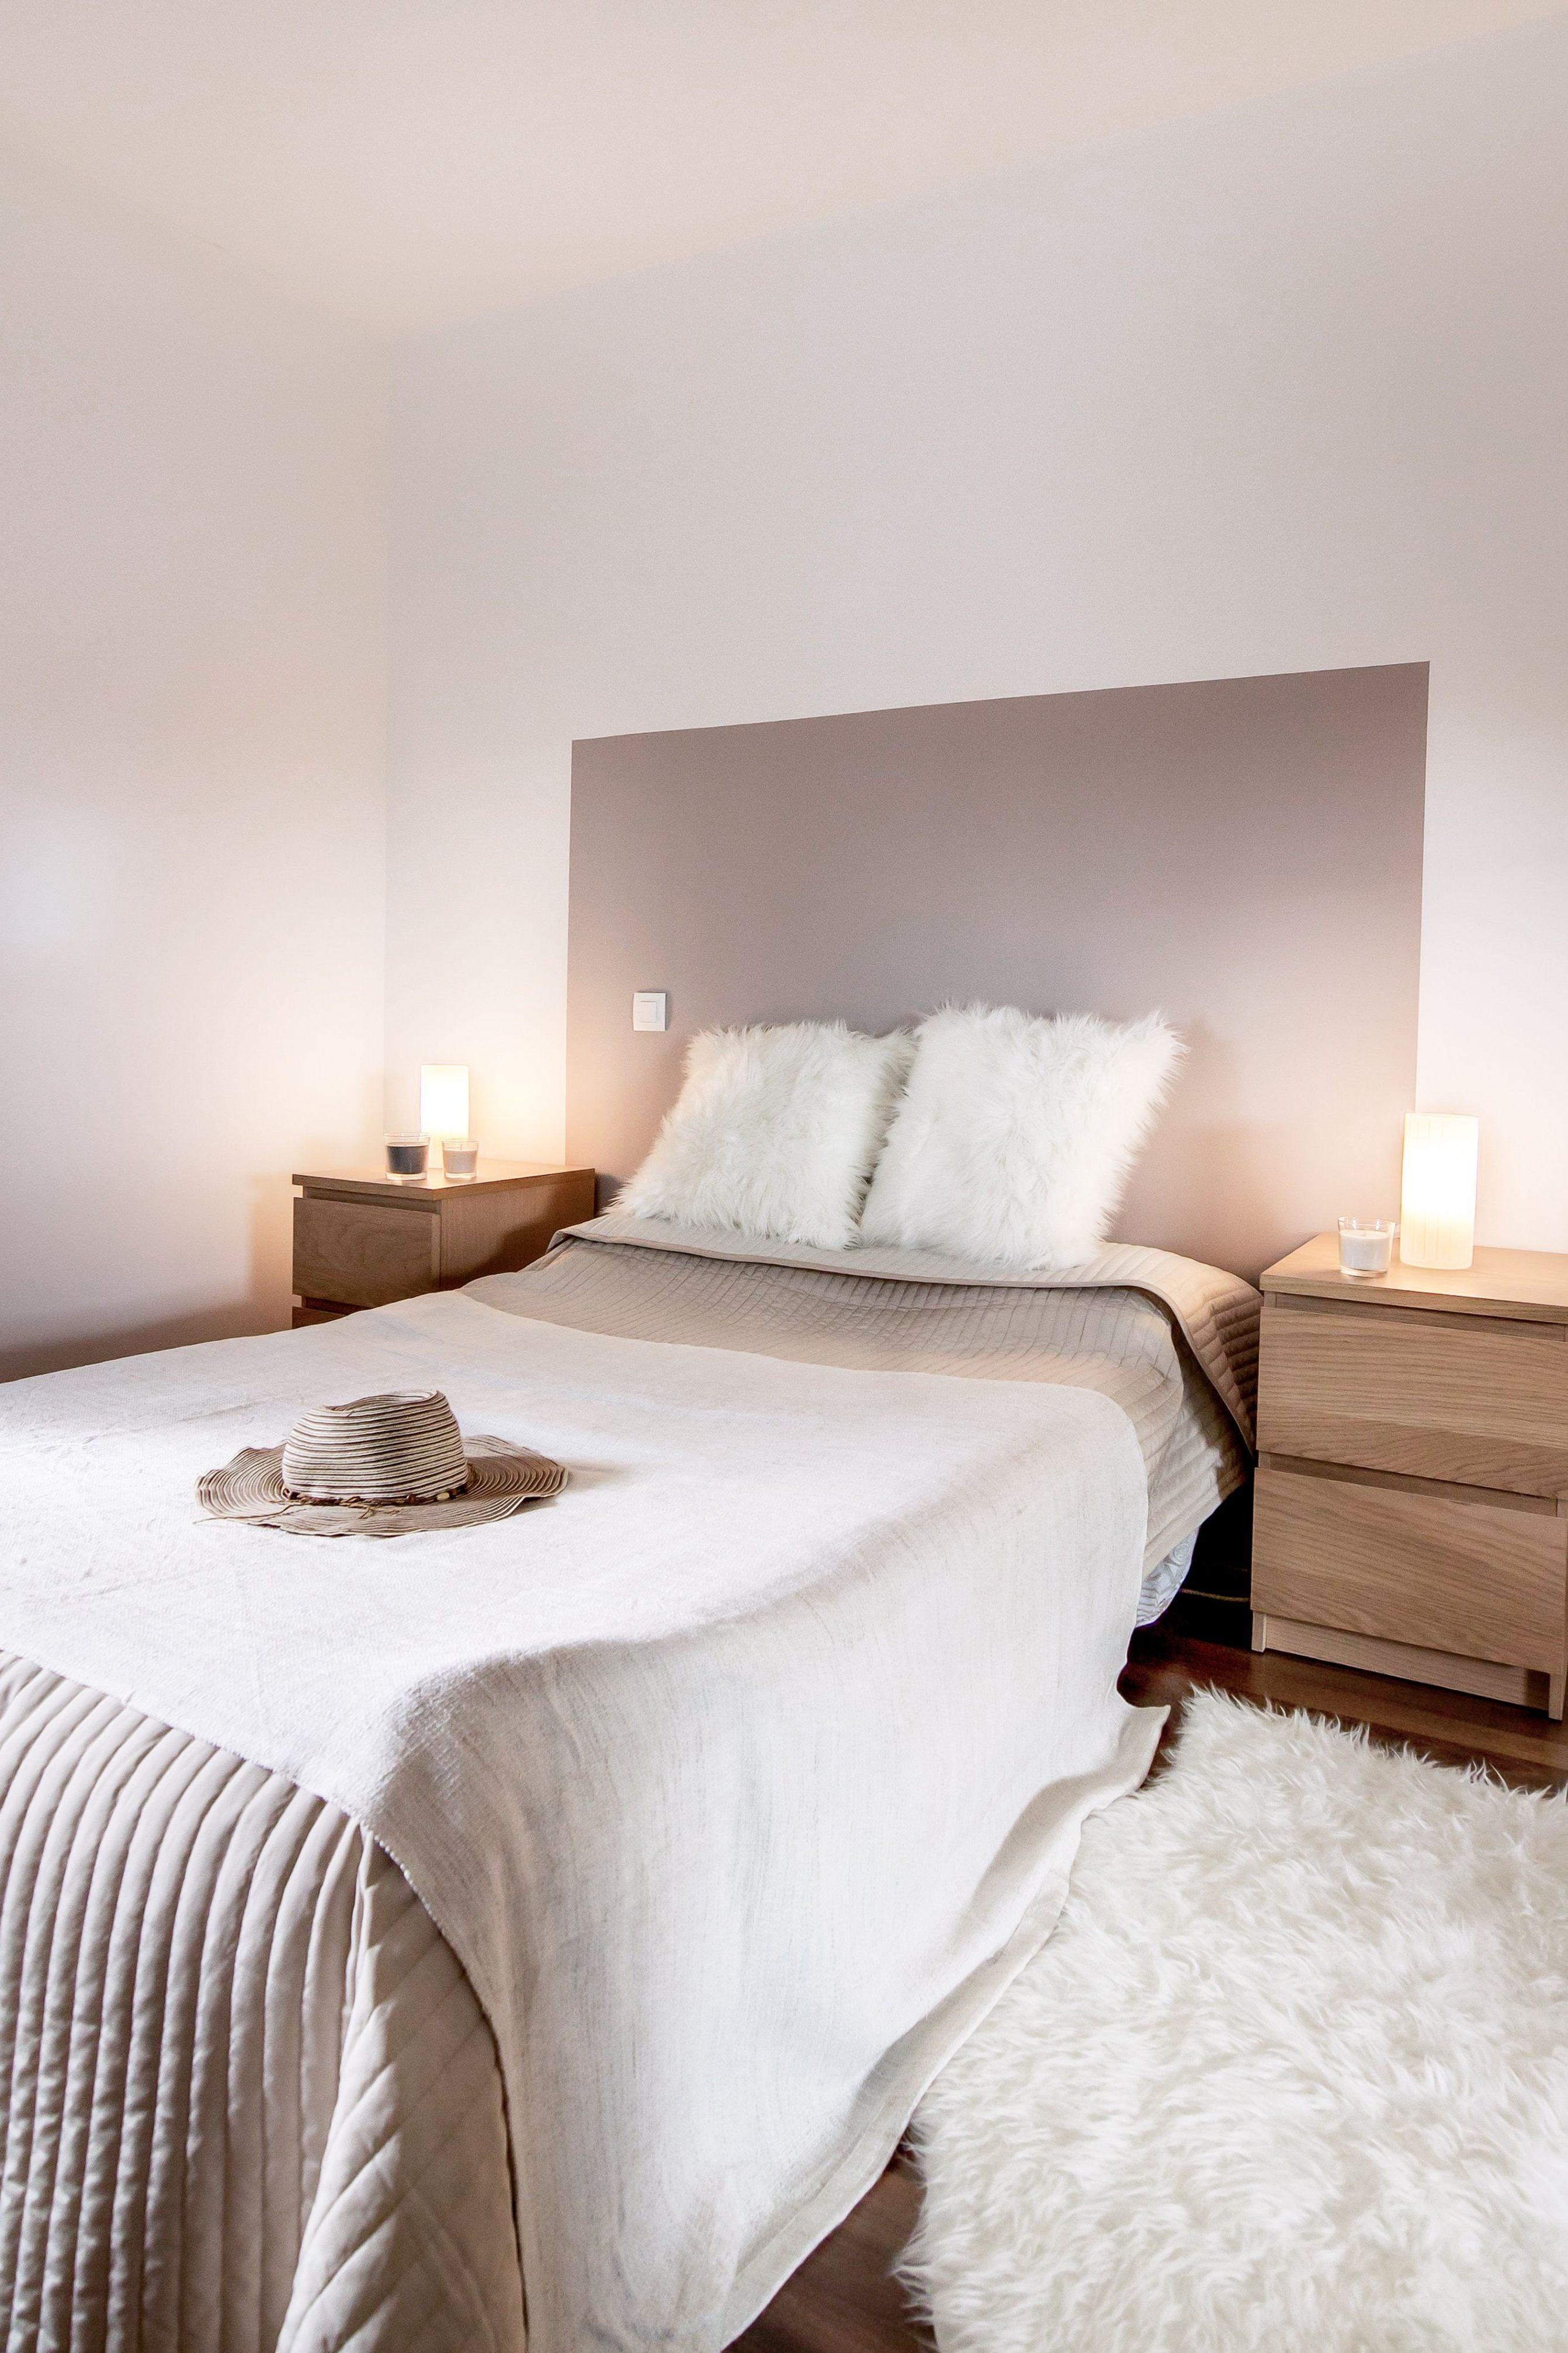 Diy Tete De Lit Douce Chambre Decoration Taupe Et Blanc Beige Bois Diy Tete De Lit Grande